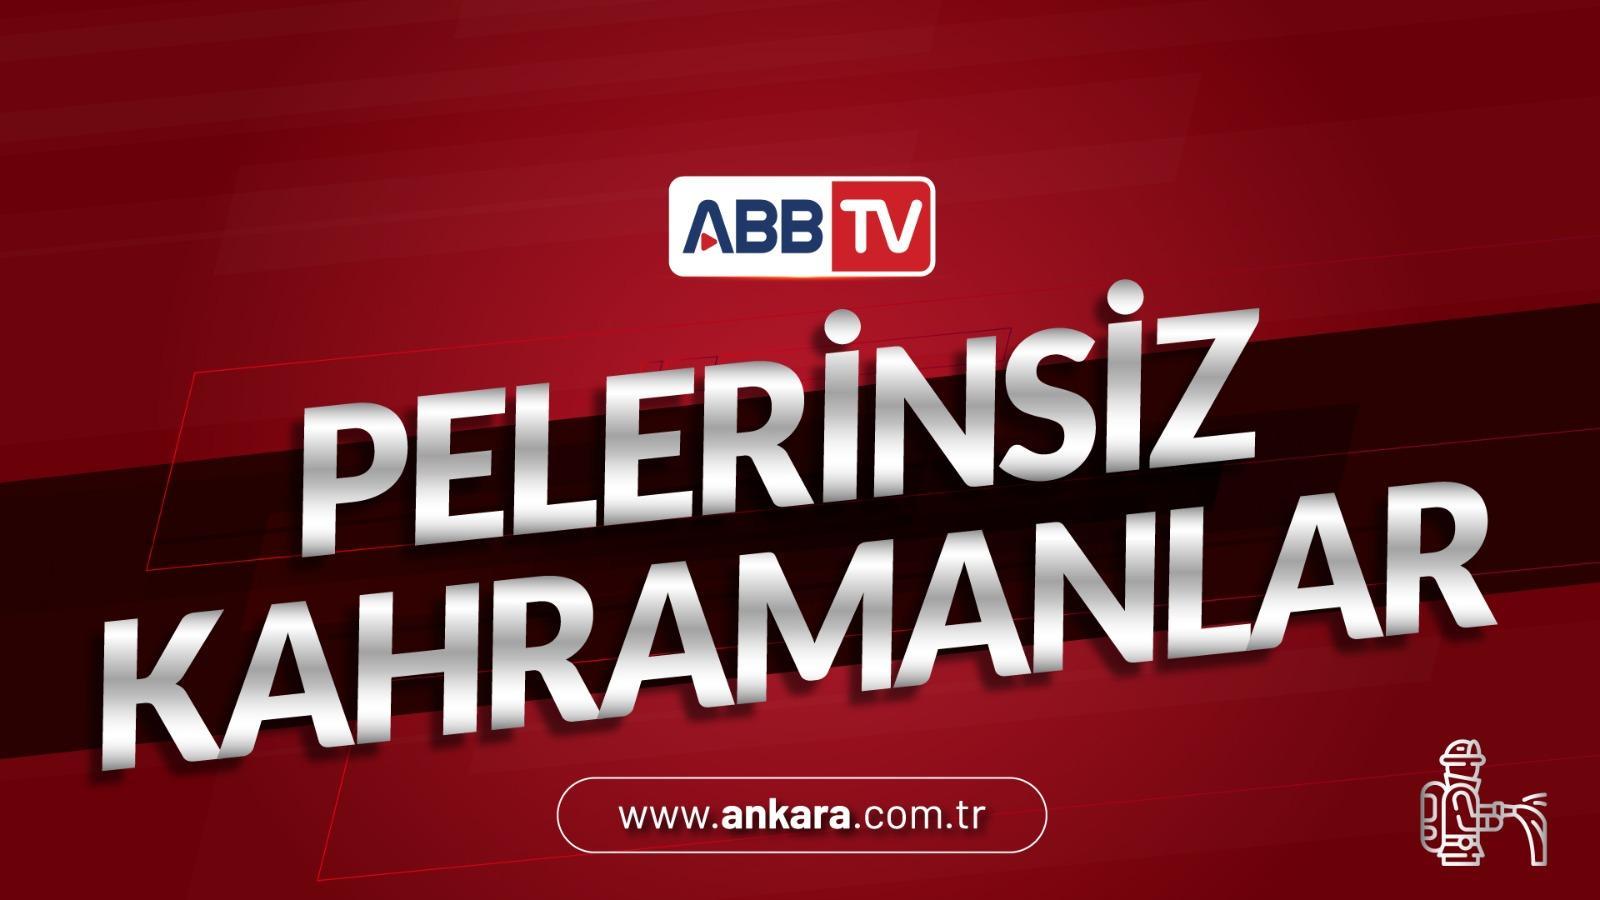 PELERİNSİZ KAHRAMANLAR - 3. BÖLÜM